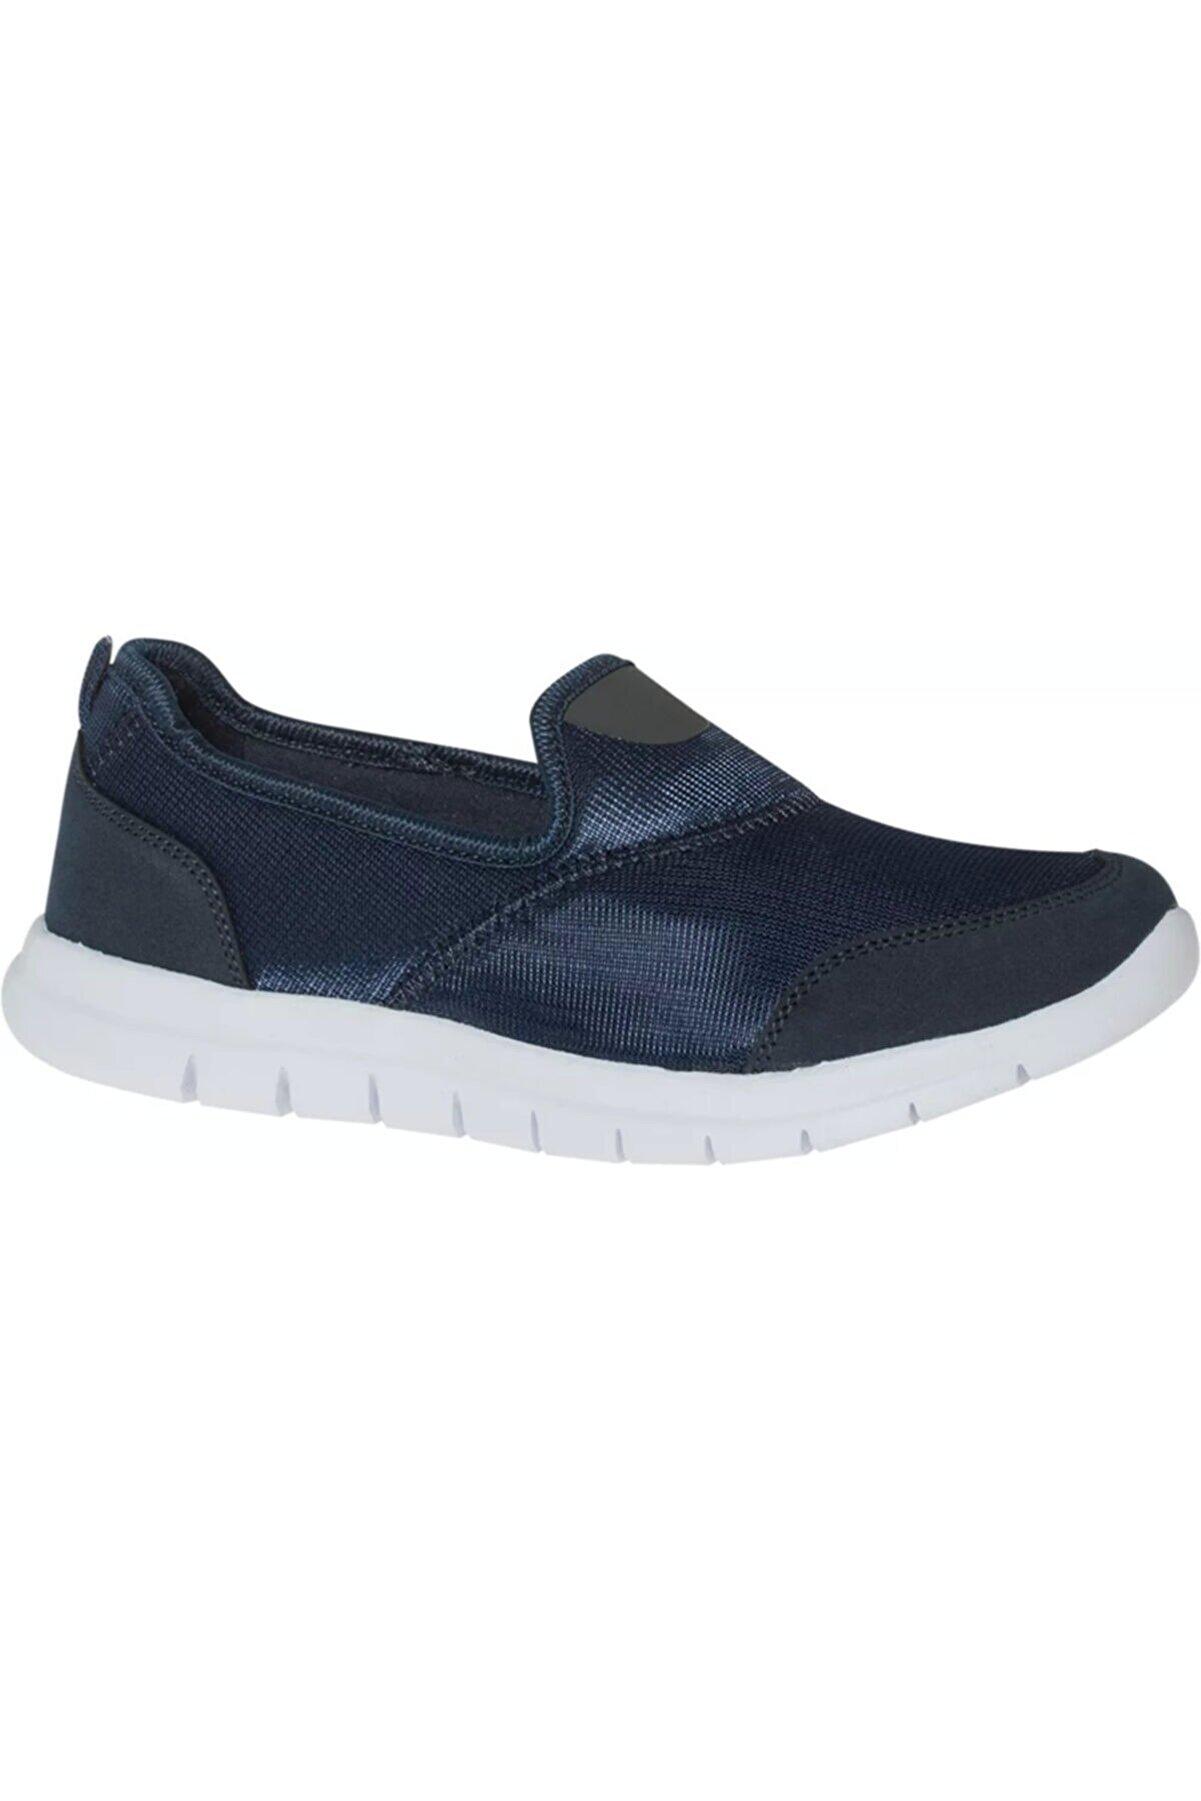 Graceland Kadın Lacivert Ayakkabı